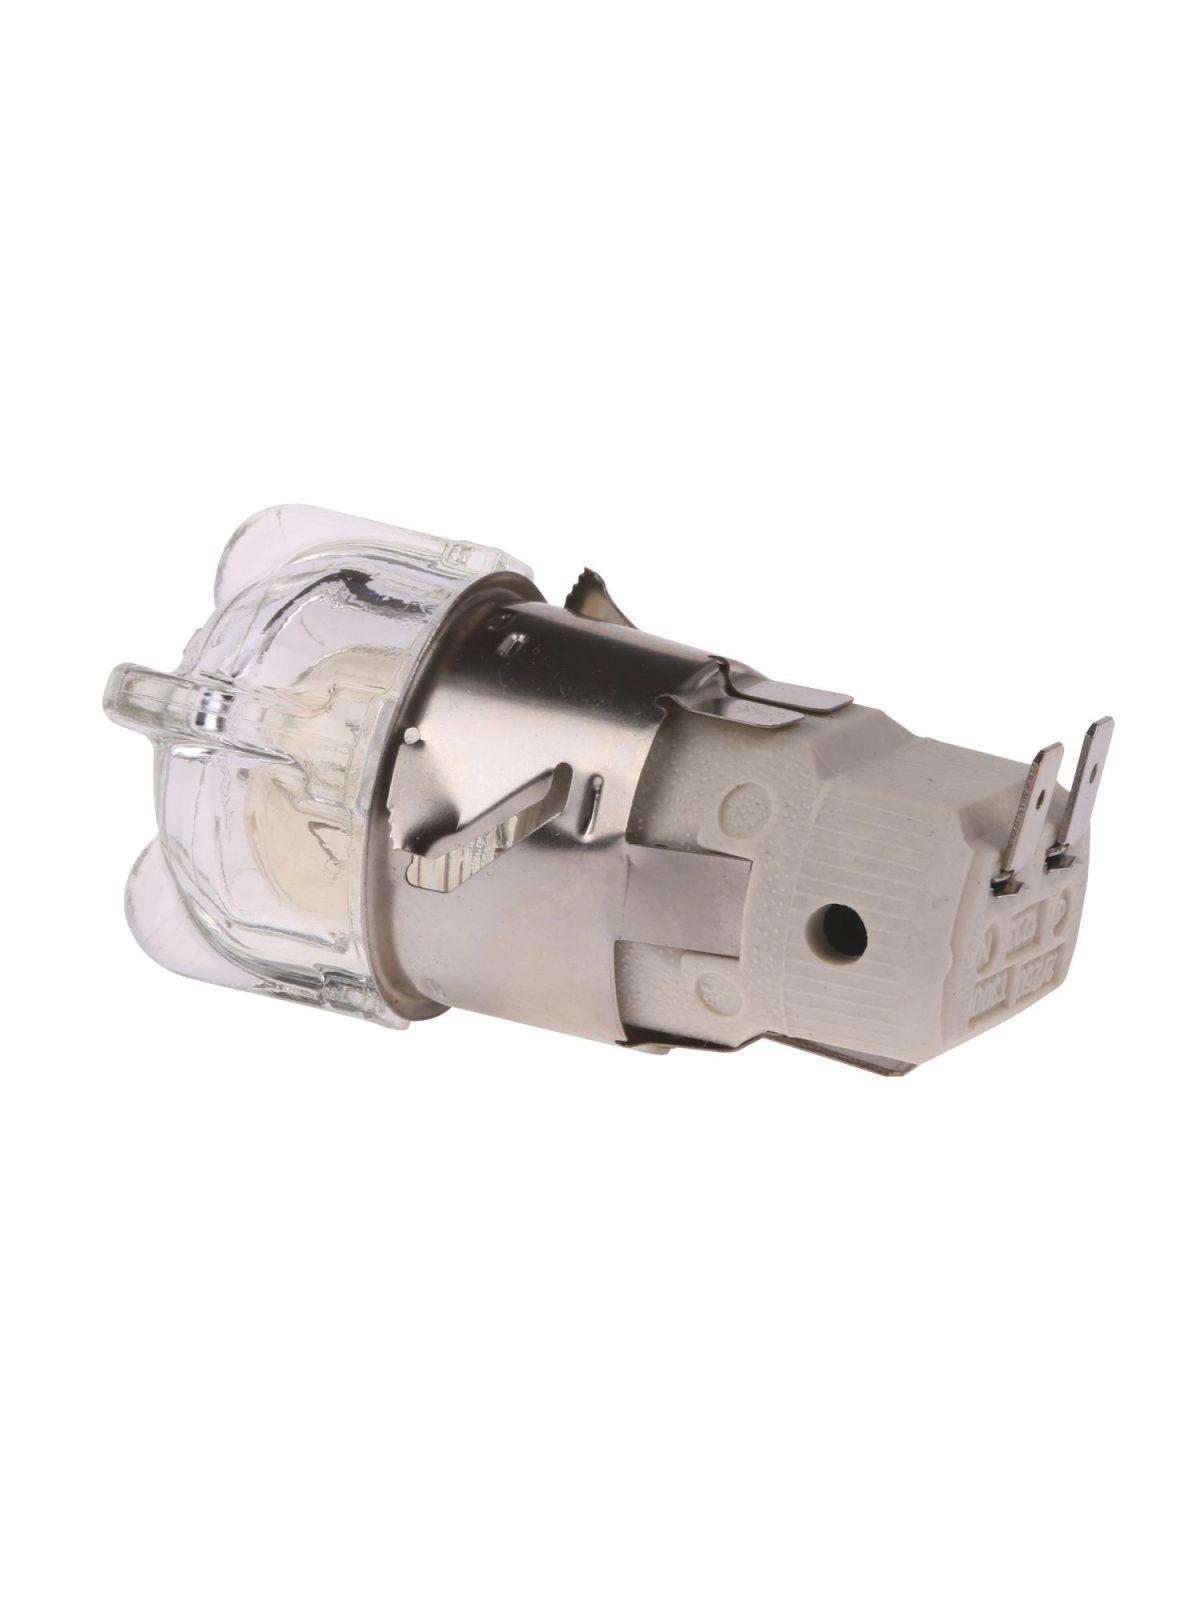 Bombilla con portalámparas 25W Balay Bosch Siemens